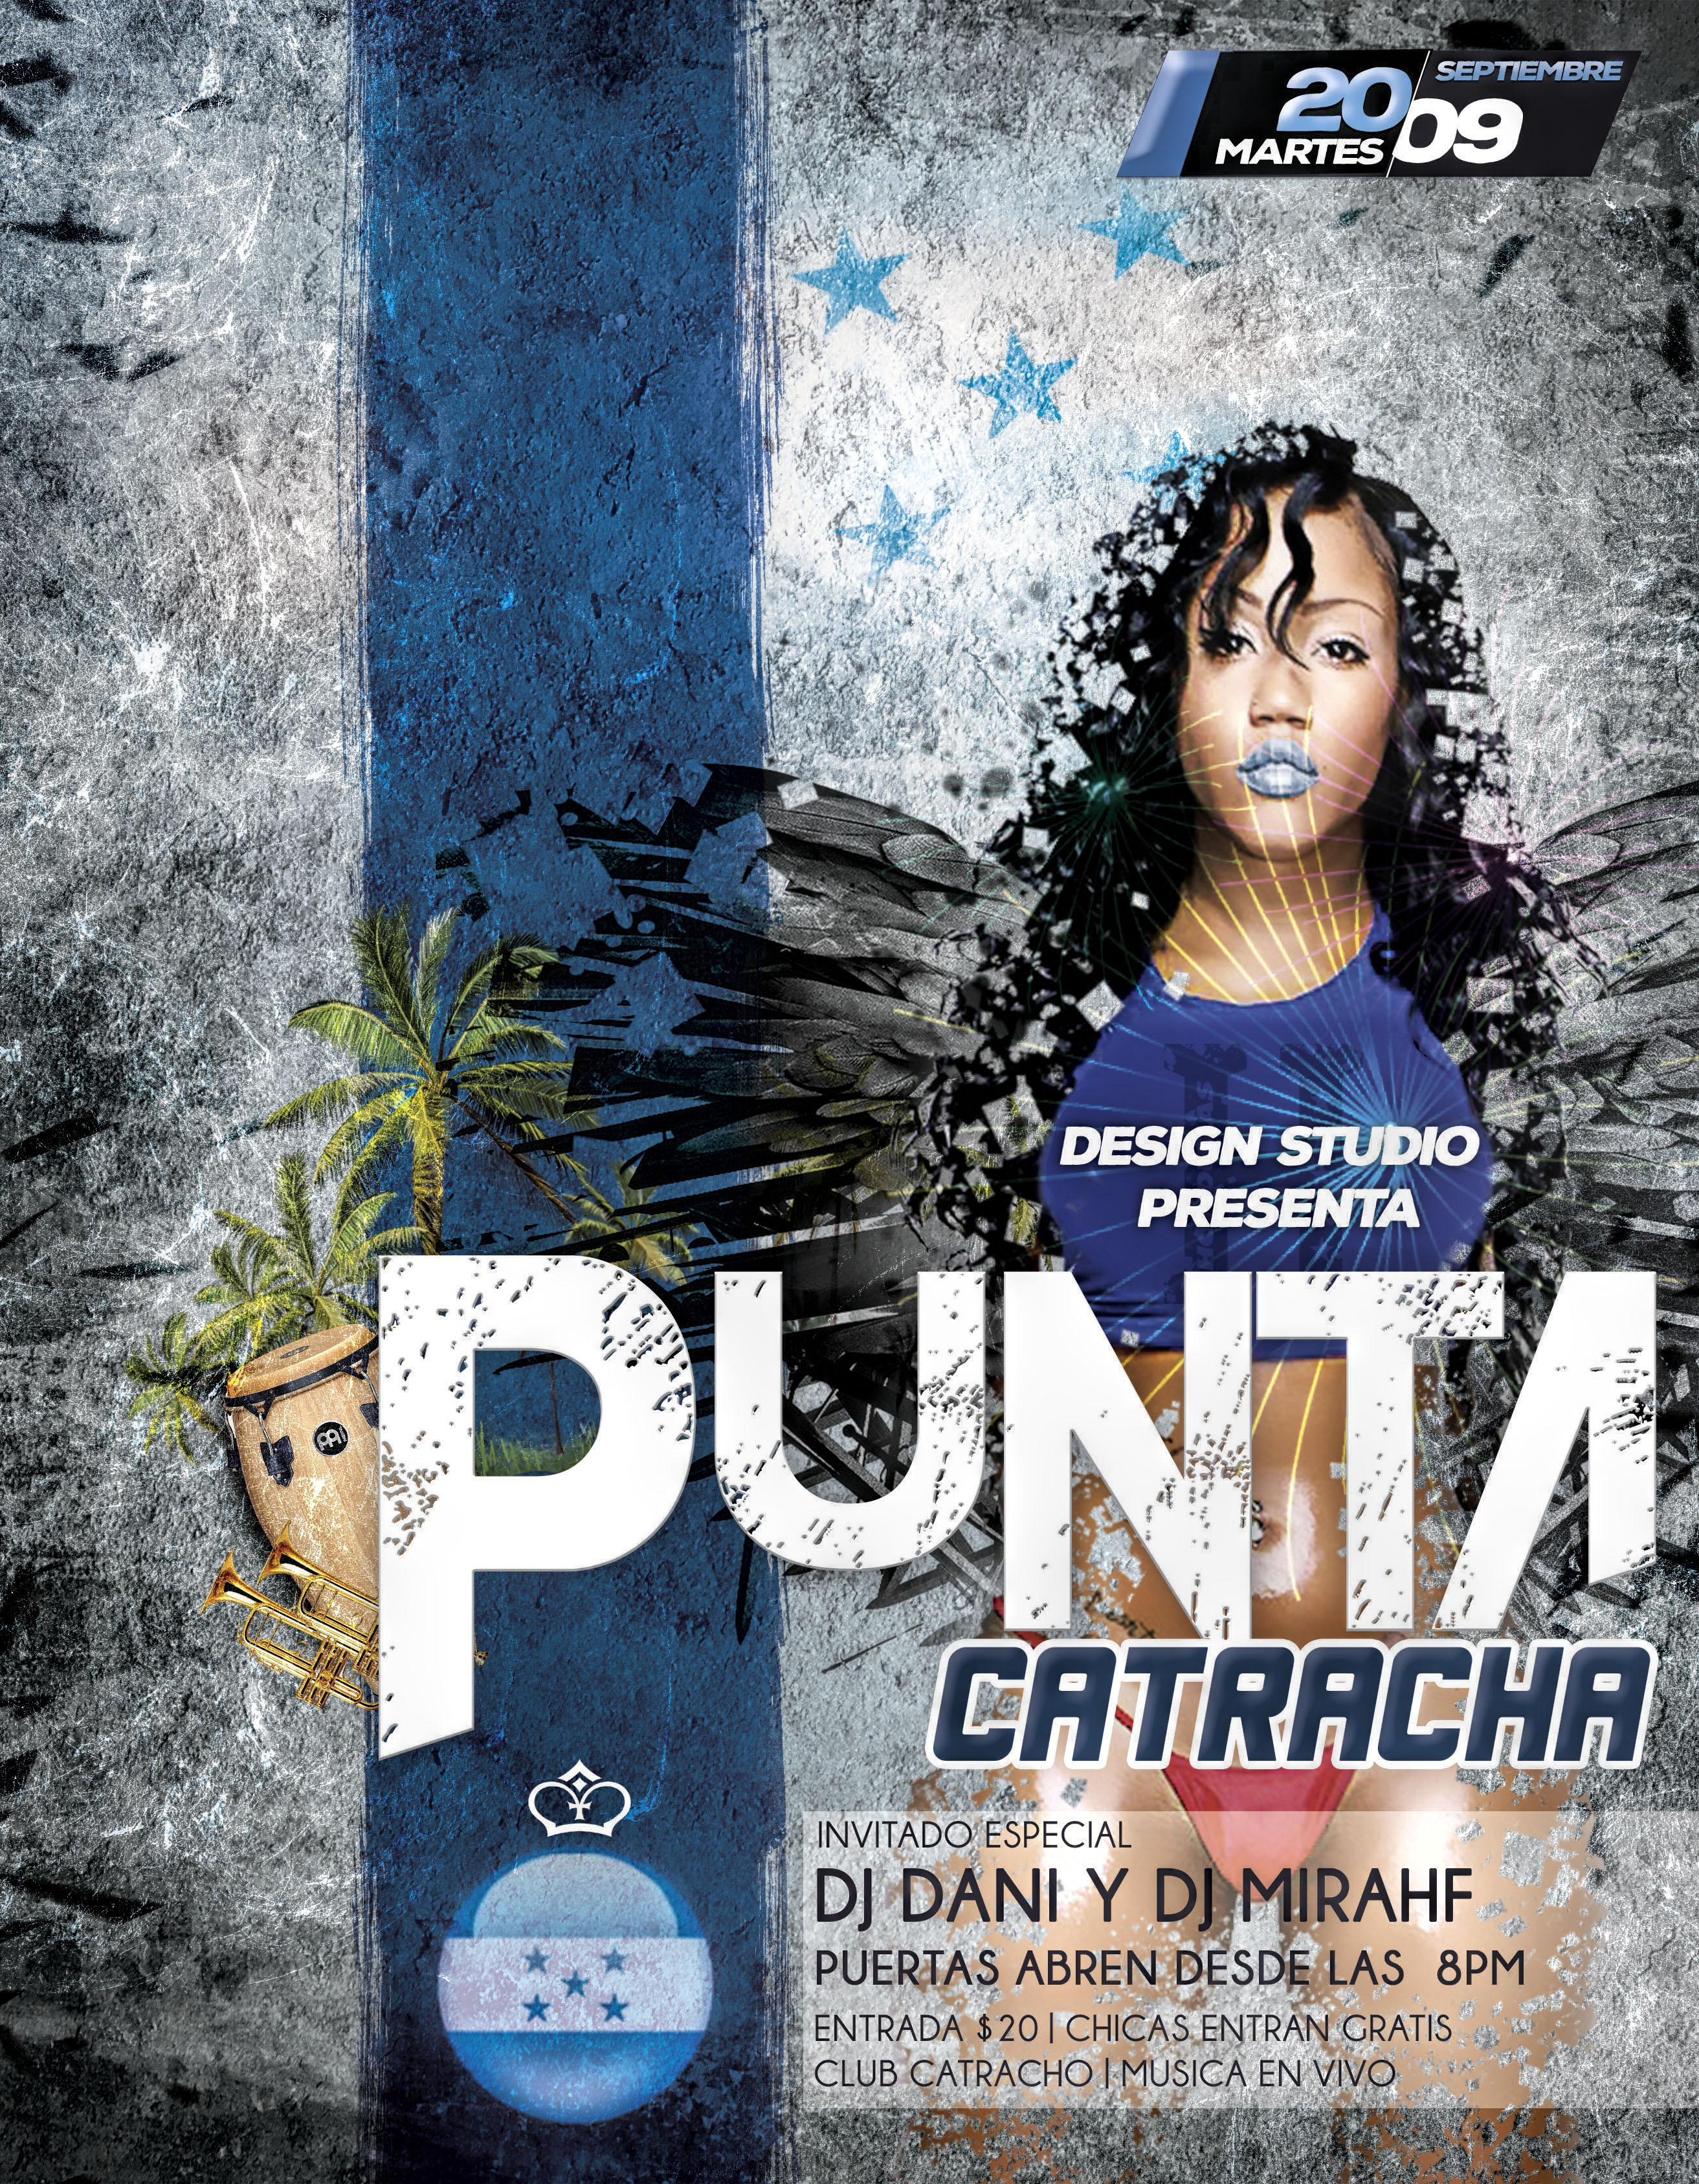 Punta catracha